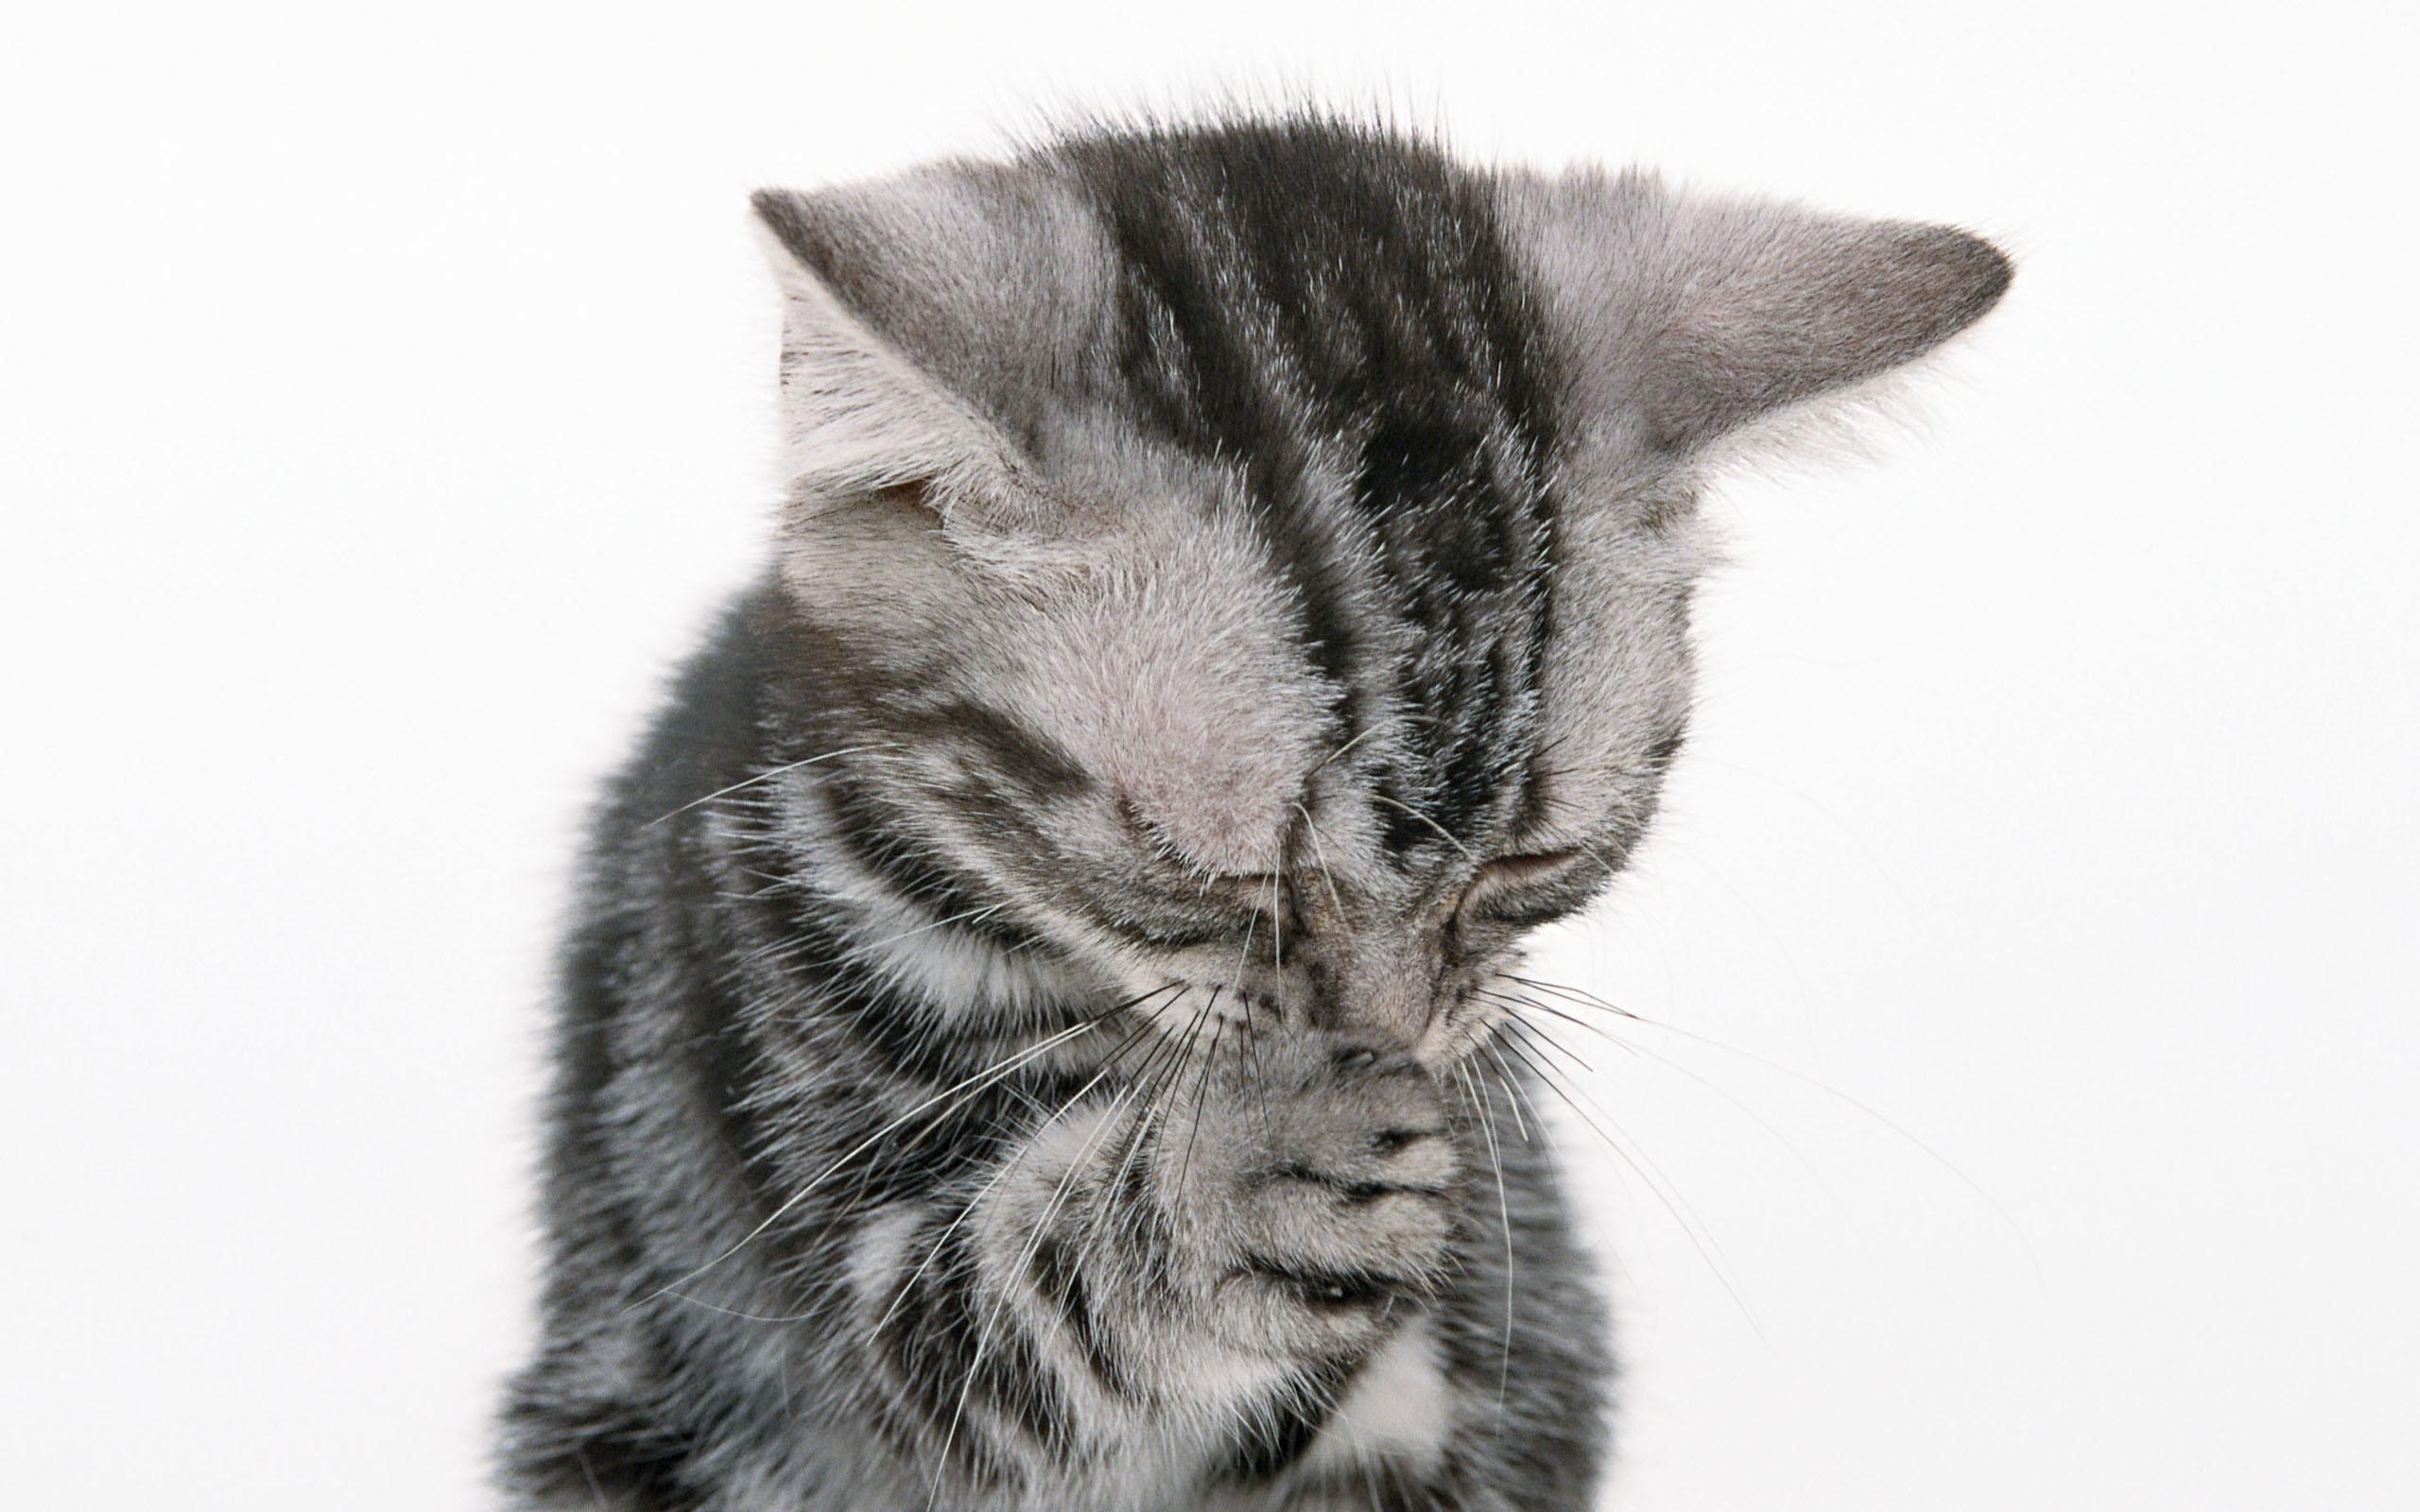 картинки с умоляющими котиками празднования имеют